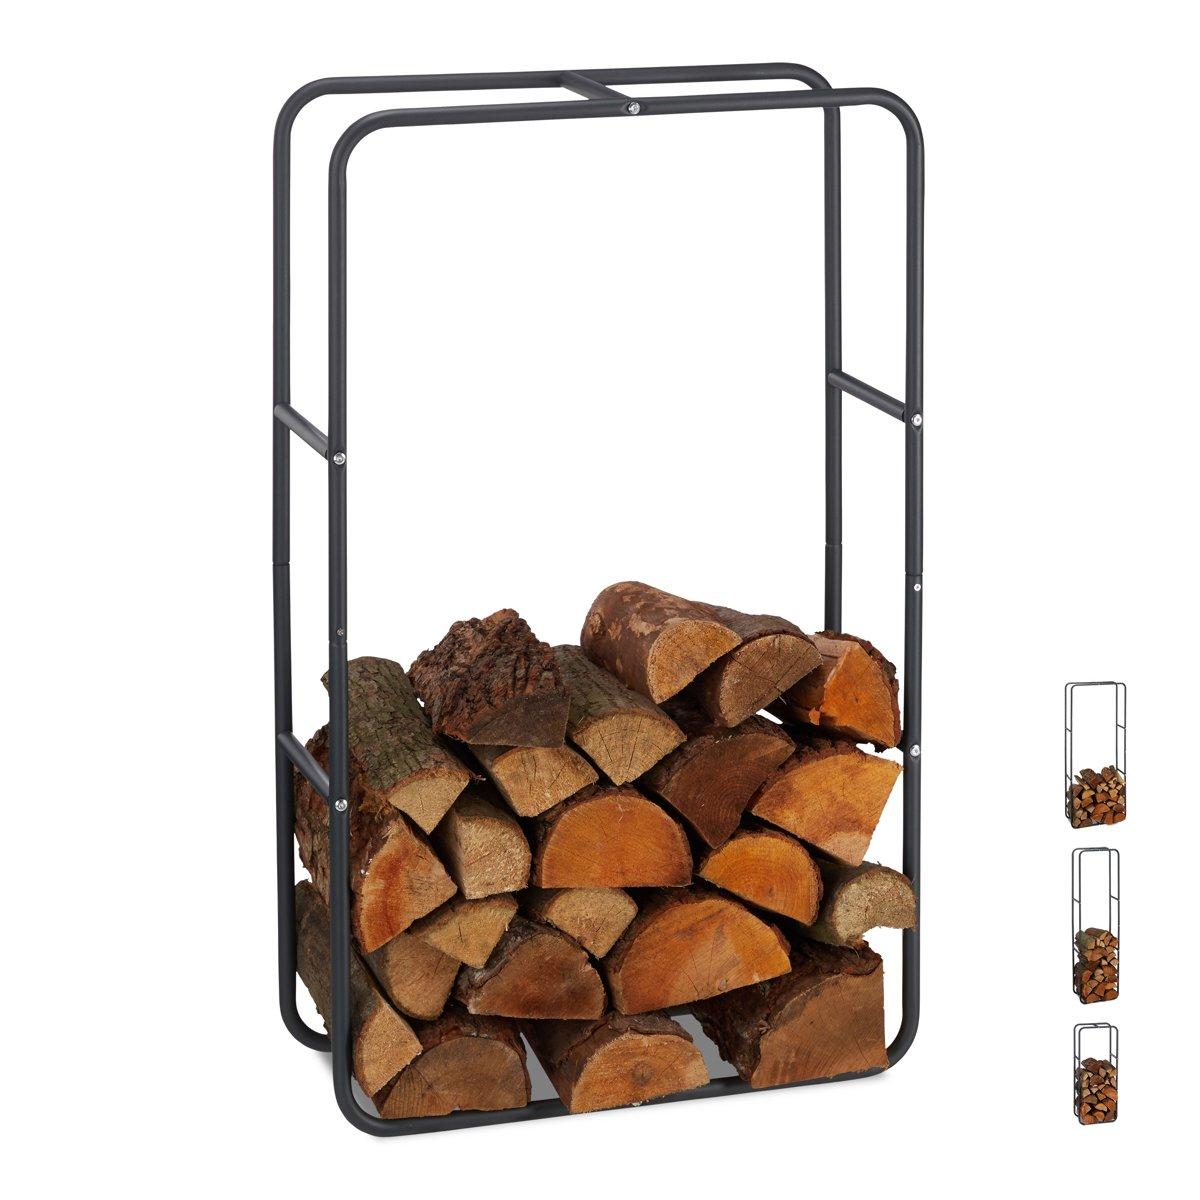 relaxdays Brandhout rek - haardhout opslag - haardhout rek - binnen - buiten - metaal 100 x 60 x 25 cm kopen